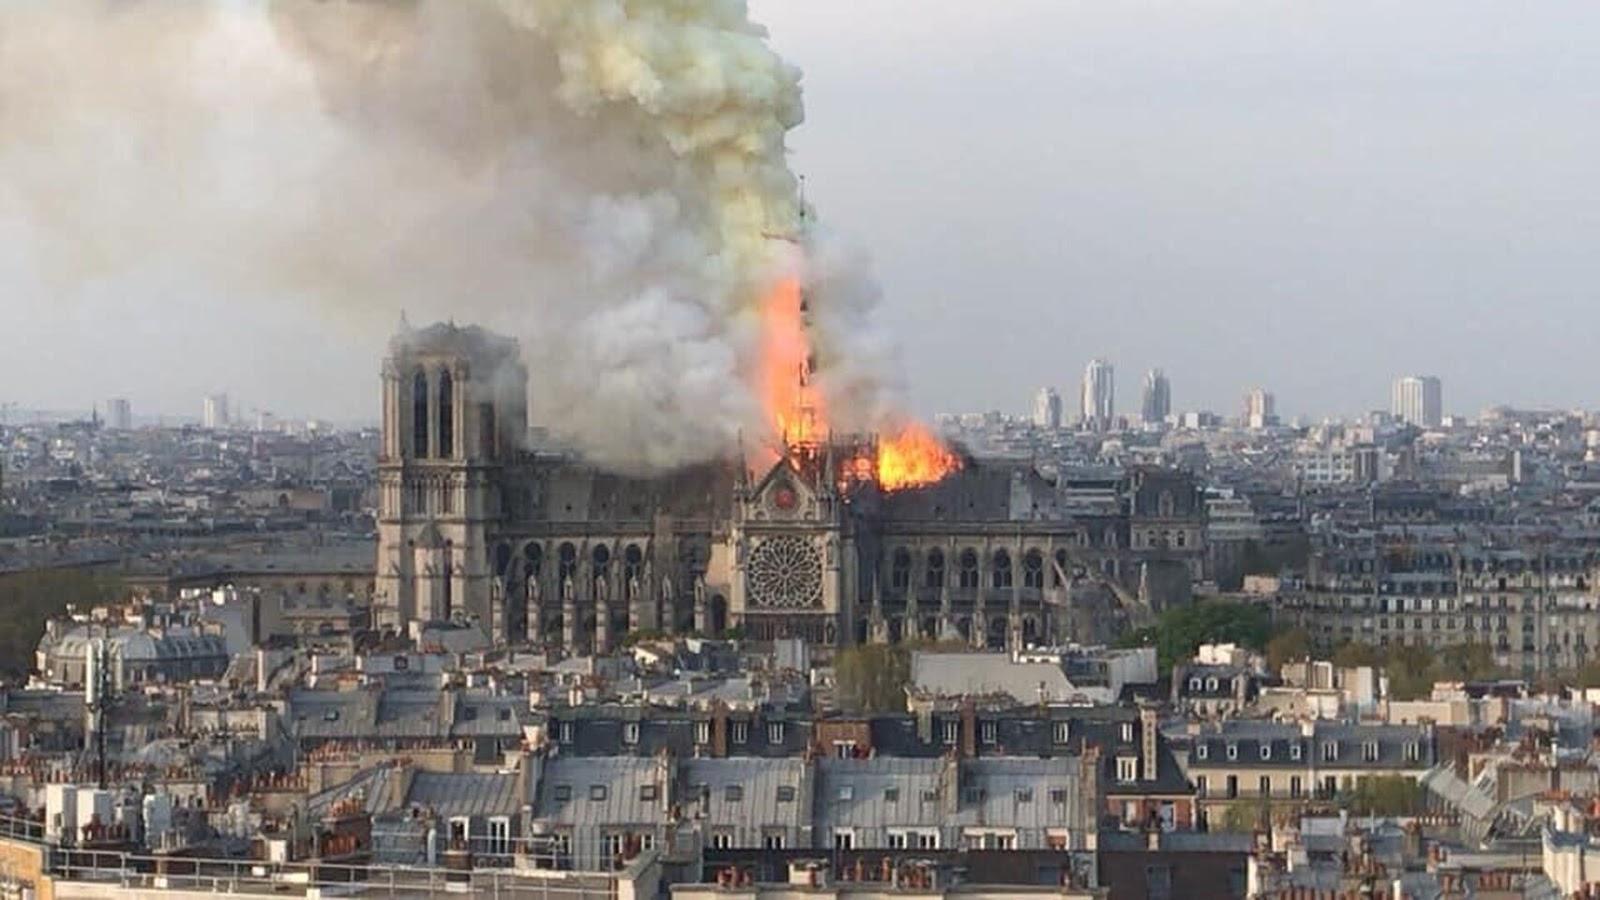 Espectacular y conmovedor, así fue el incendio de la catedral francesa / EL ESPAÑOL